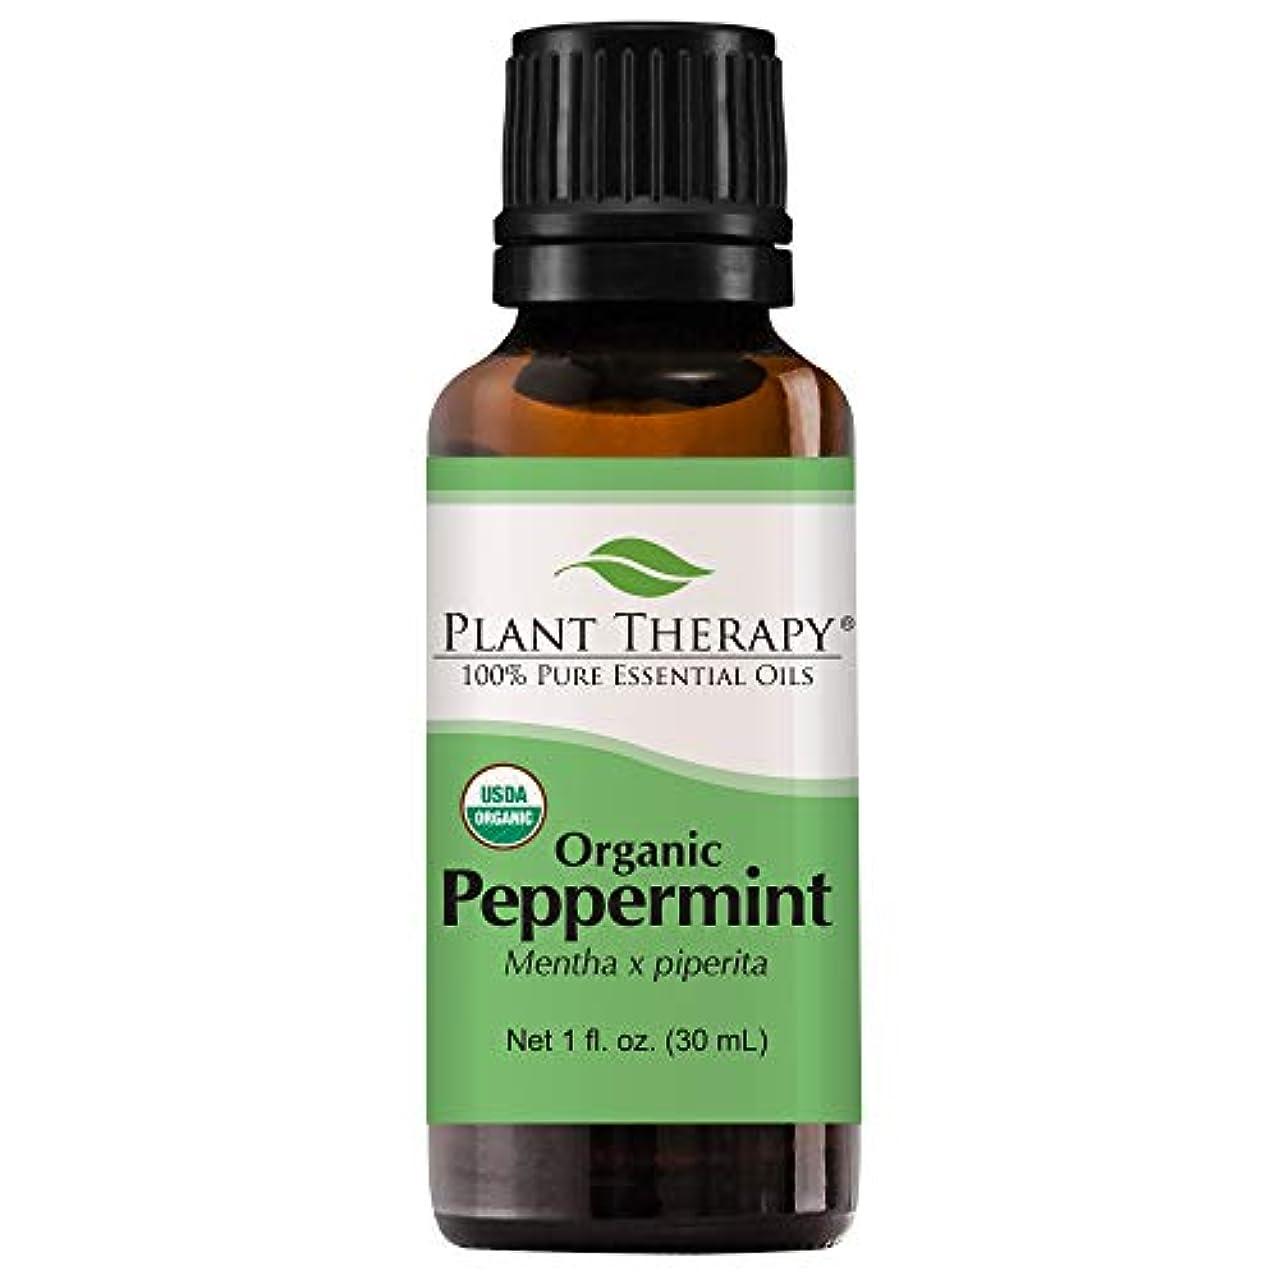 倍増不公平エンディング植物セラピーUSDA認定オーガニックペパーミントエッセンシャルオイル。 100%ピュア、希釈していない、治療グレード。 30mLの(1オンス)。